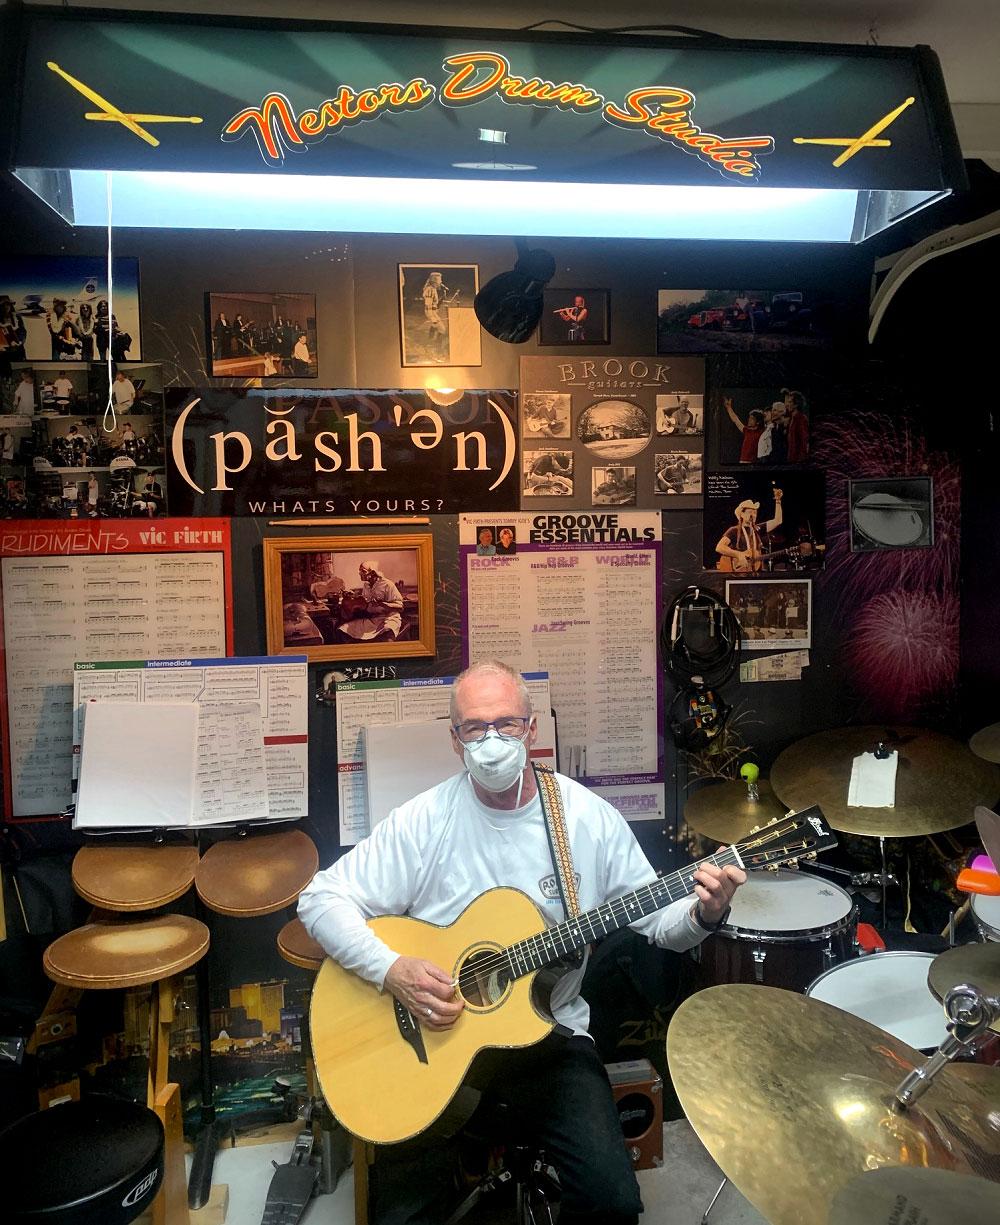 Pat's Drum Studio